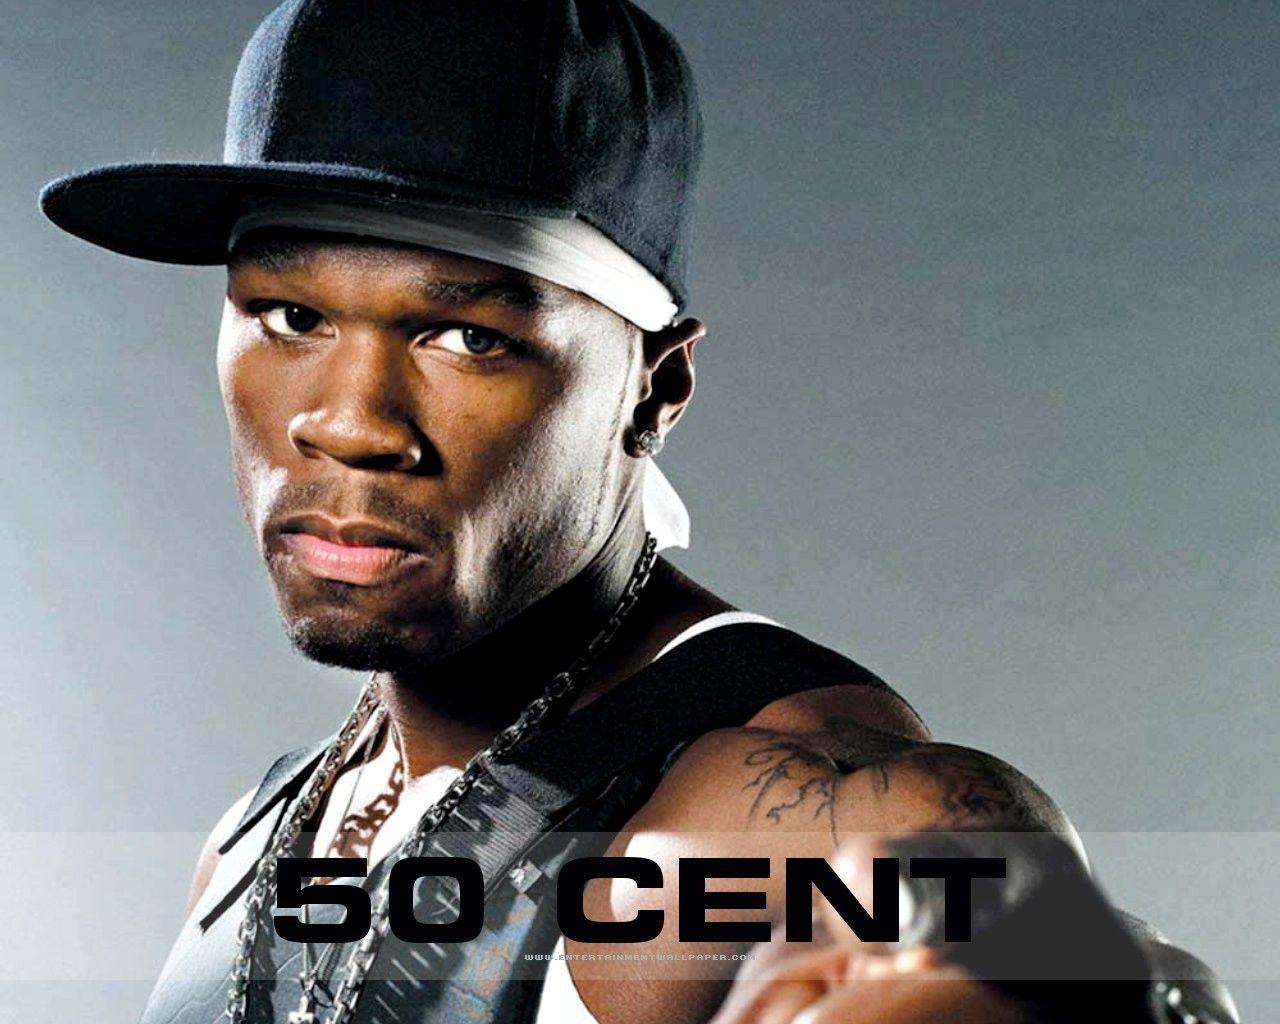 50 Cent Wallpaper 50cent Hip Hop Hip Hop Hat Rappers